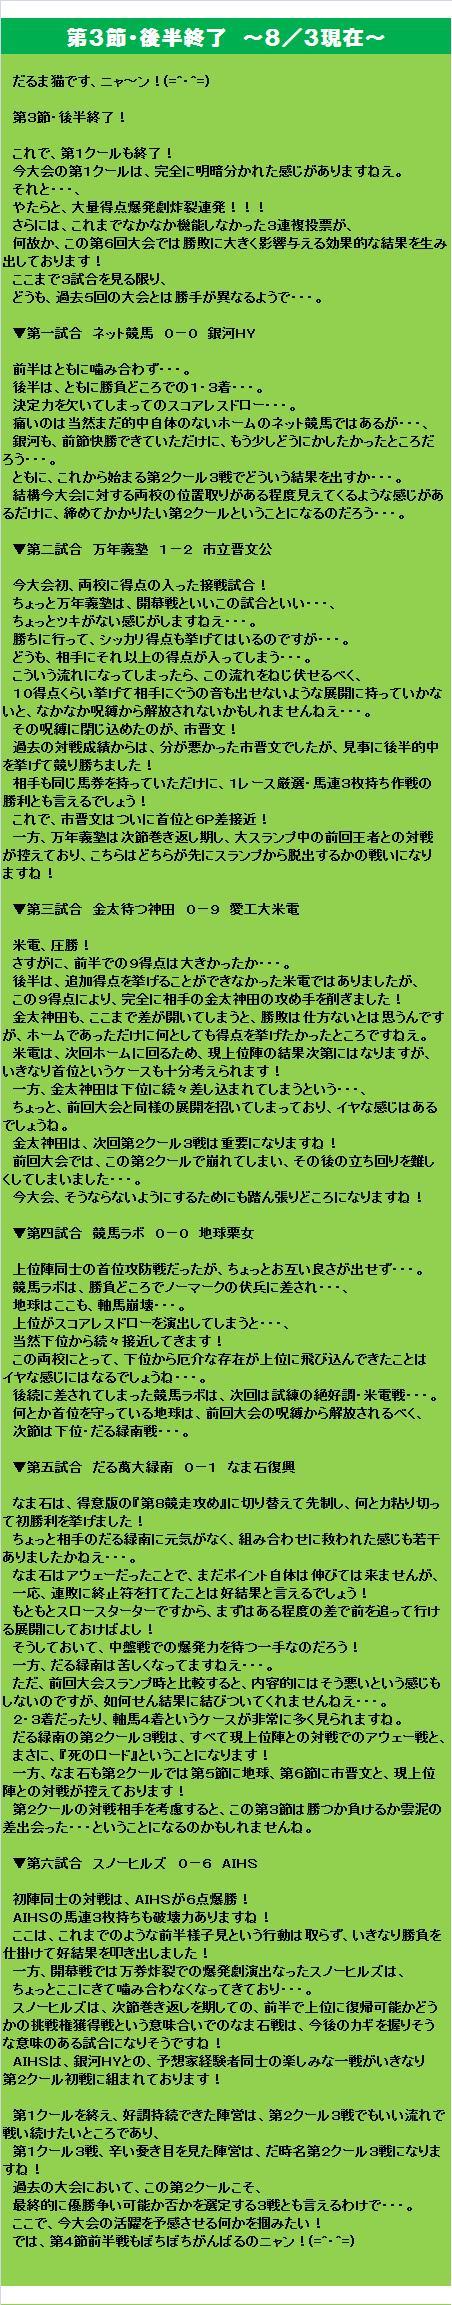 20140810・ダルマンリーグ第3節後半終了結果②.jpg